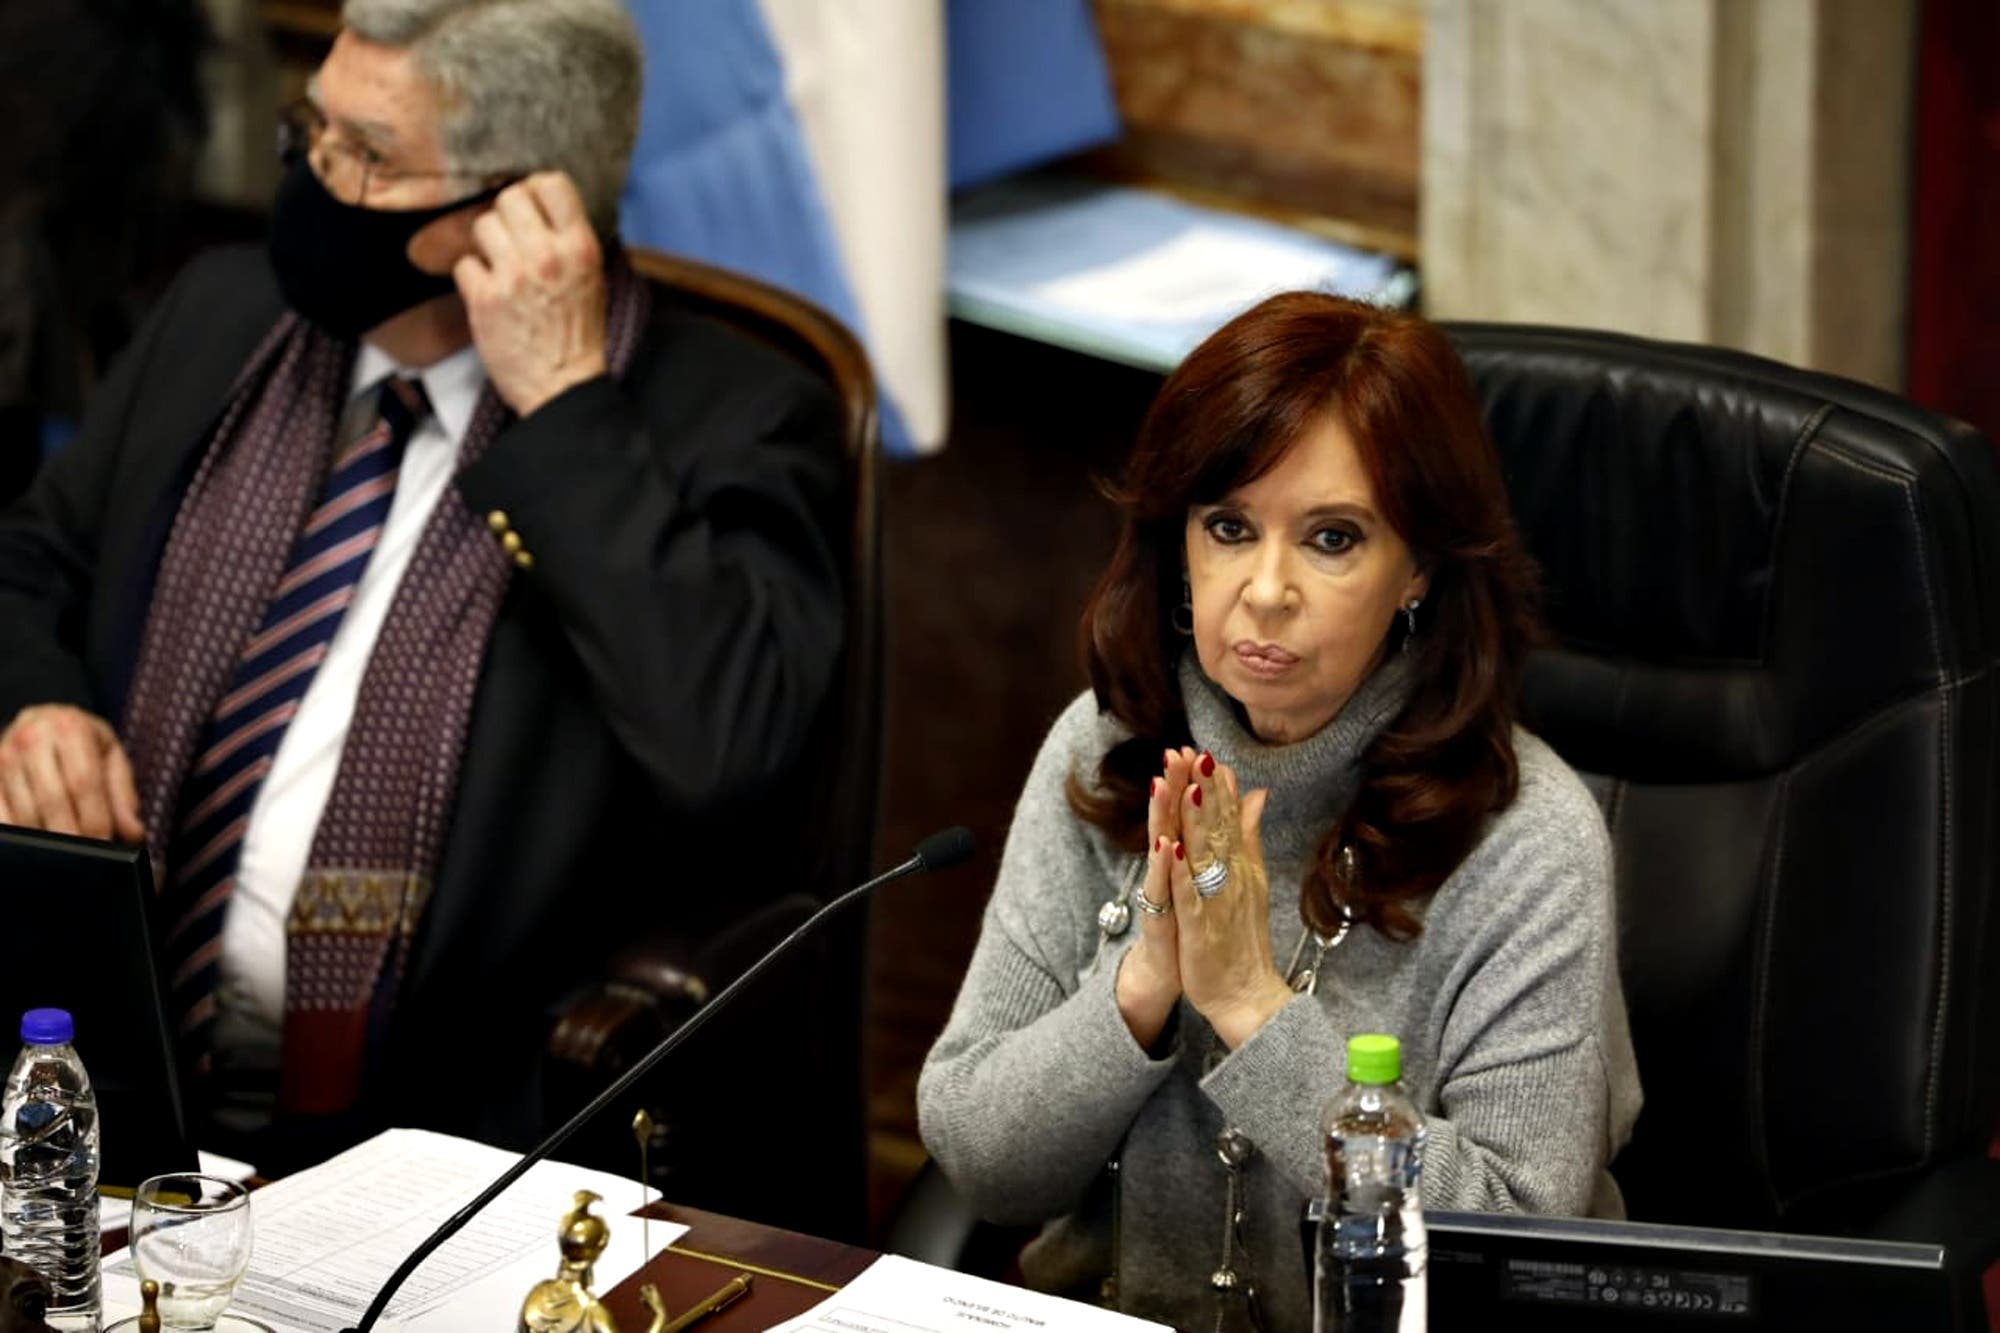 Senado: la oposición abandonó la sesión y denunció irregularidades con el sistema remoto